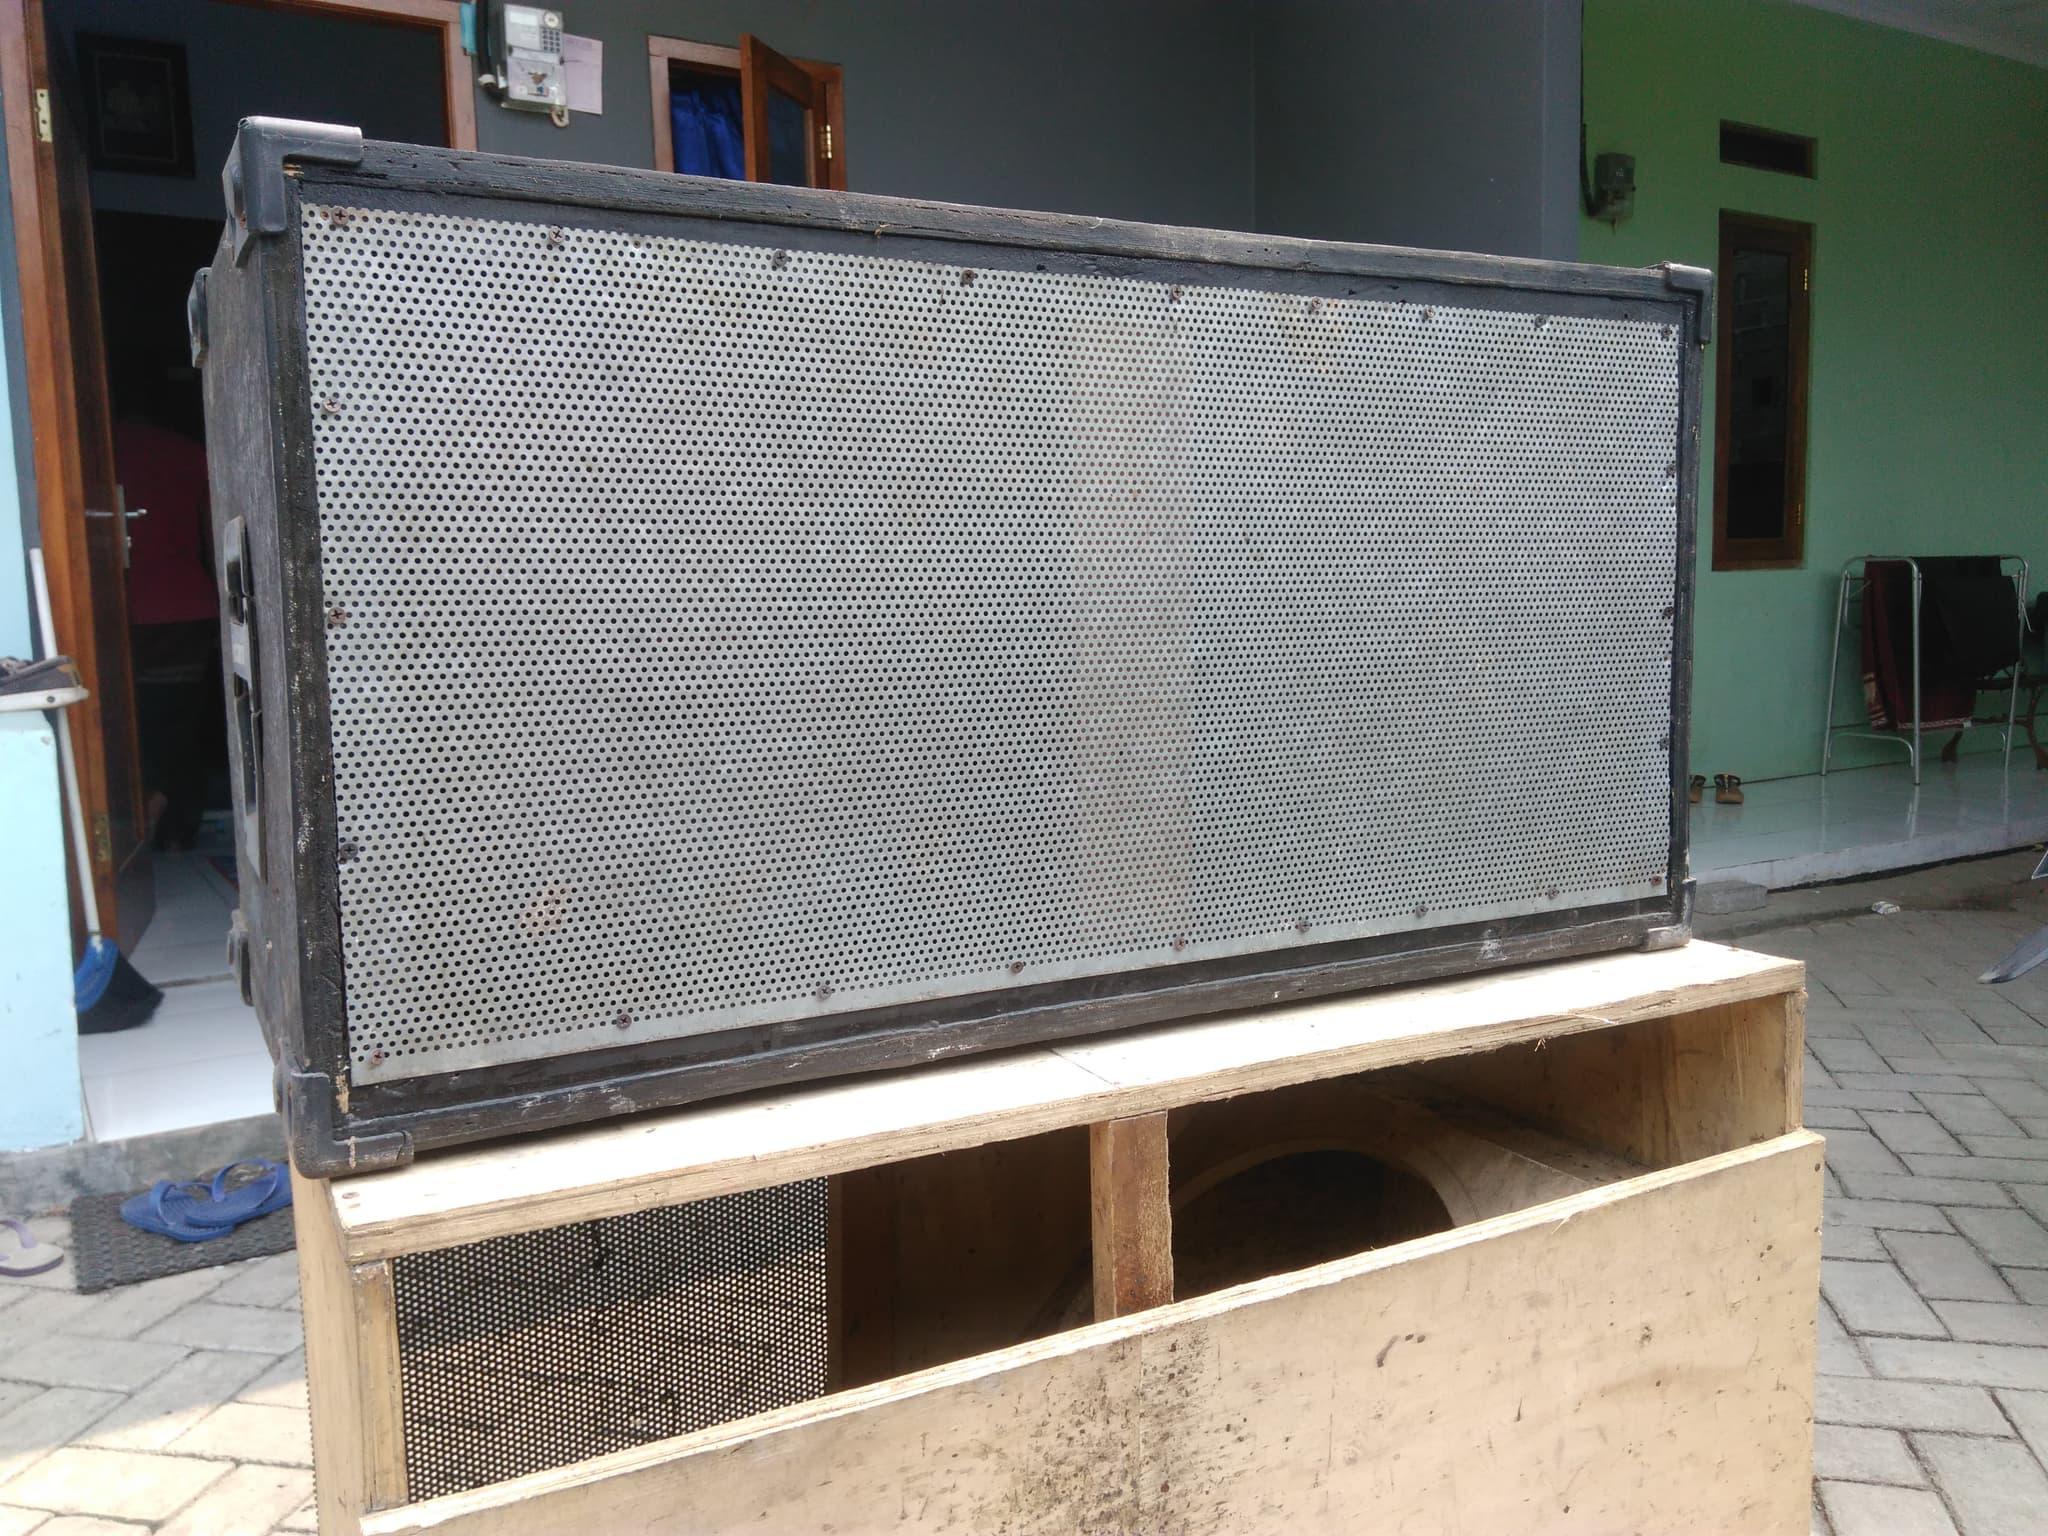 Katalog Box Speaker 15 Double Katalog.or.id